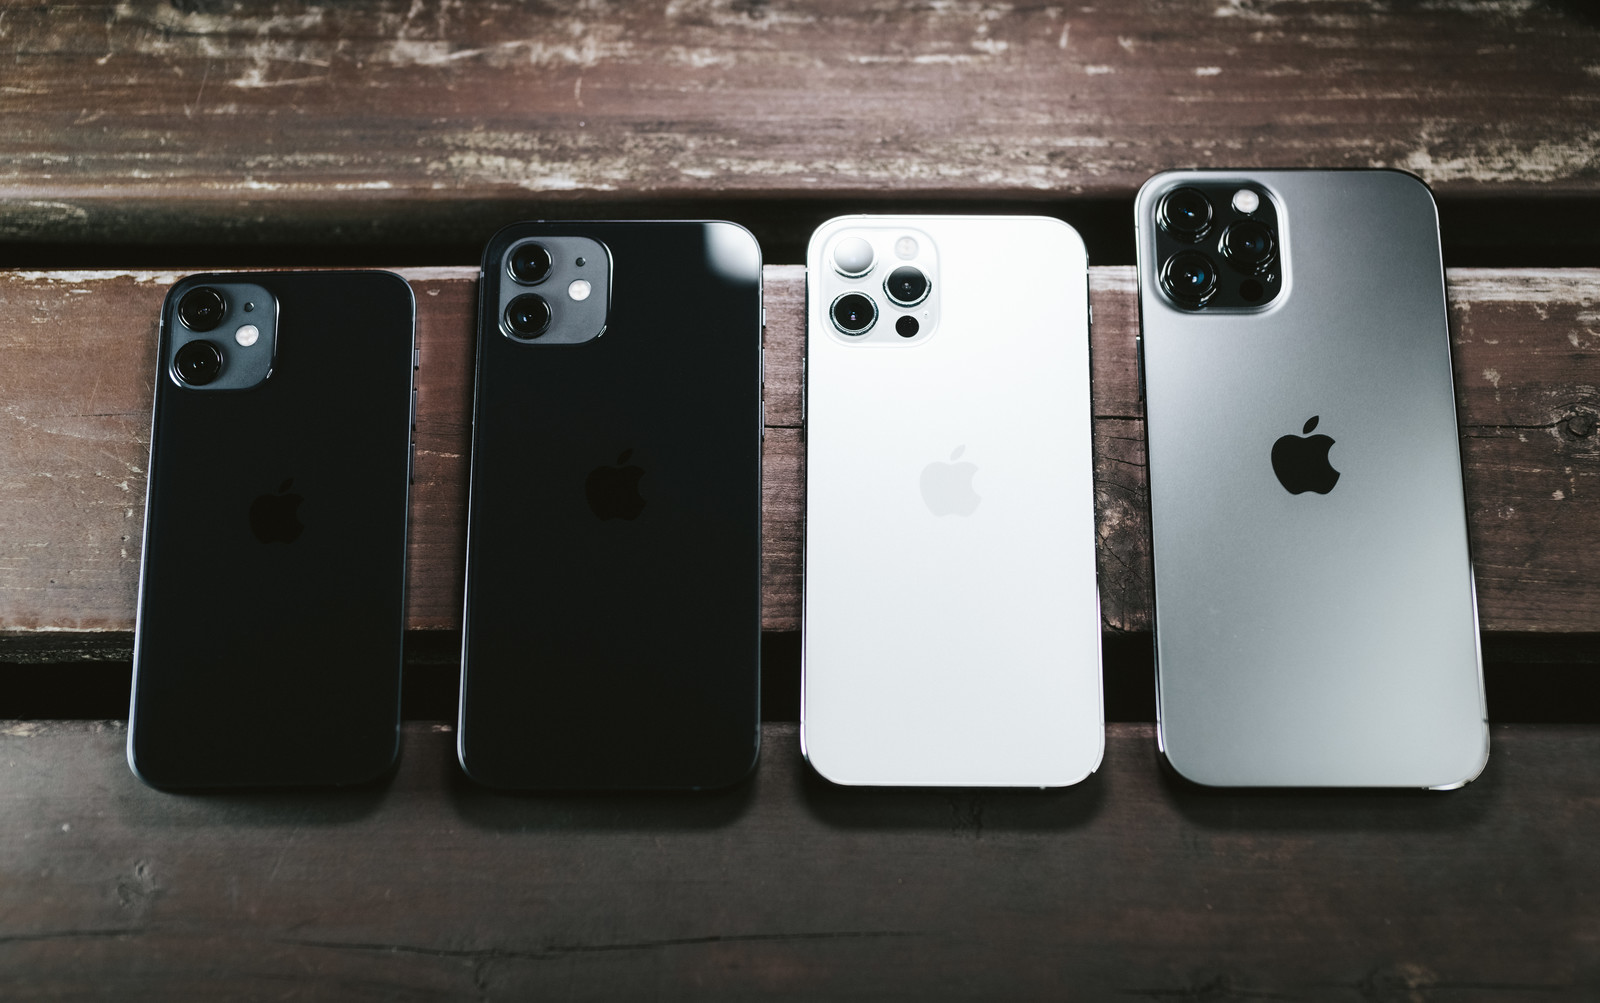 「並べて比較 iPhone 12 mini と iPhone 12 と iPhone 12 Pro と iPhone 12 Pro Max」の写真